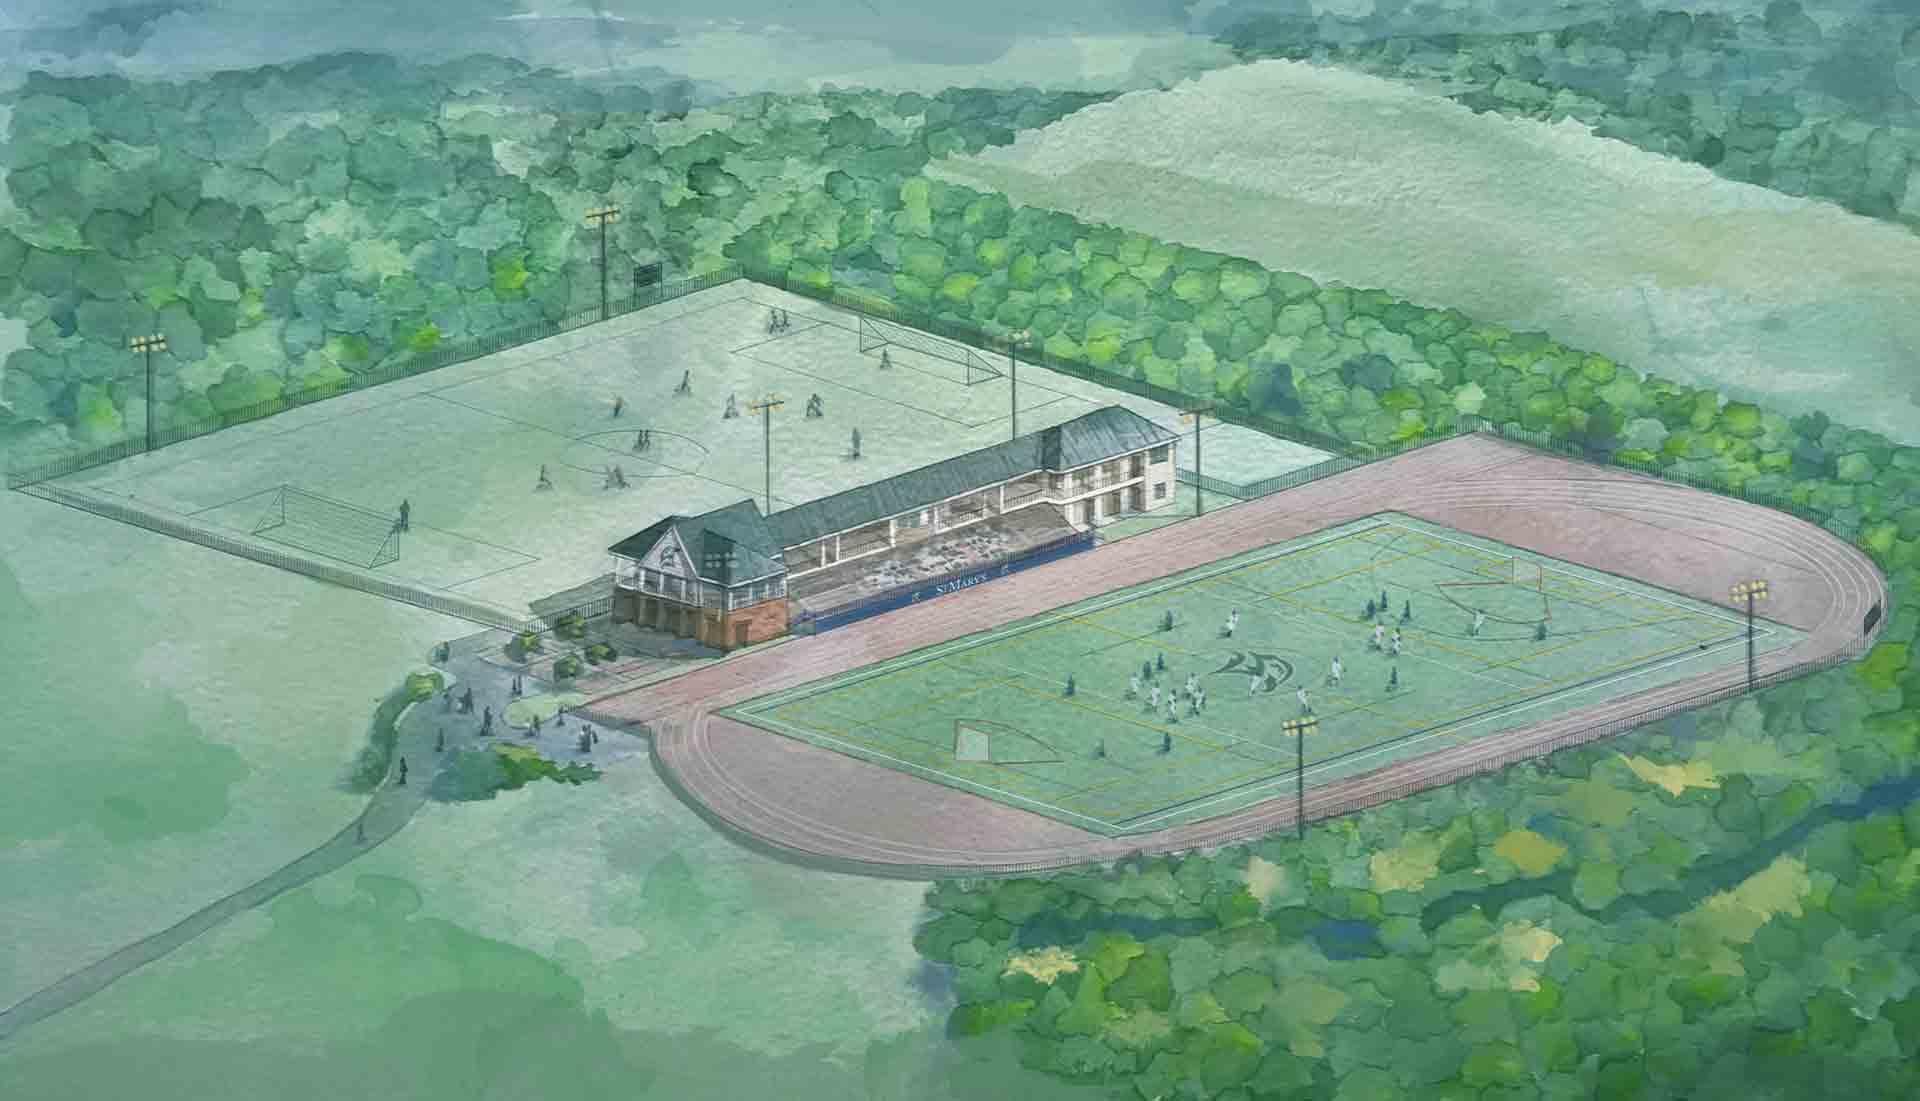 Concept design of the Jamie L. Roberts Stadium